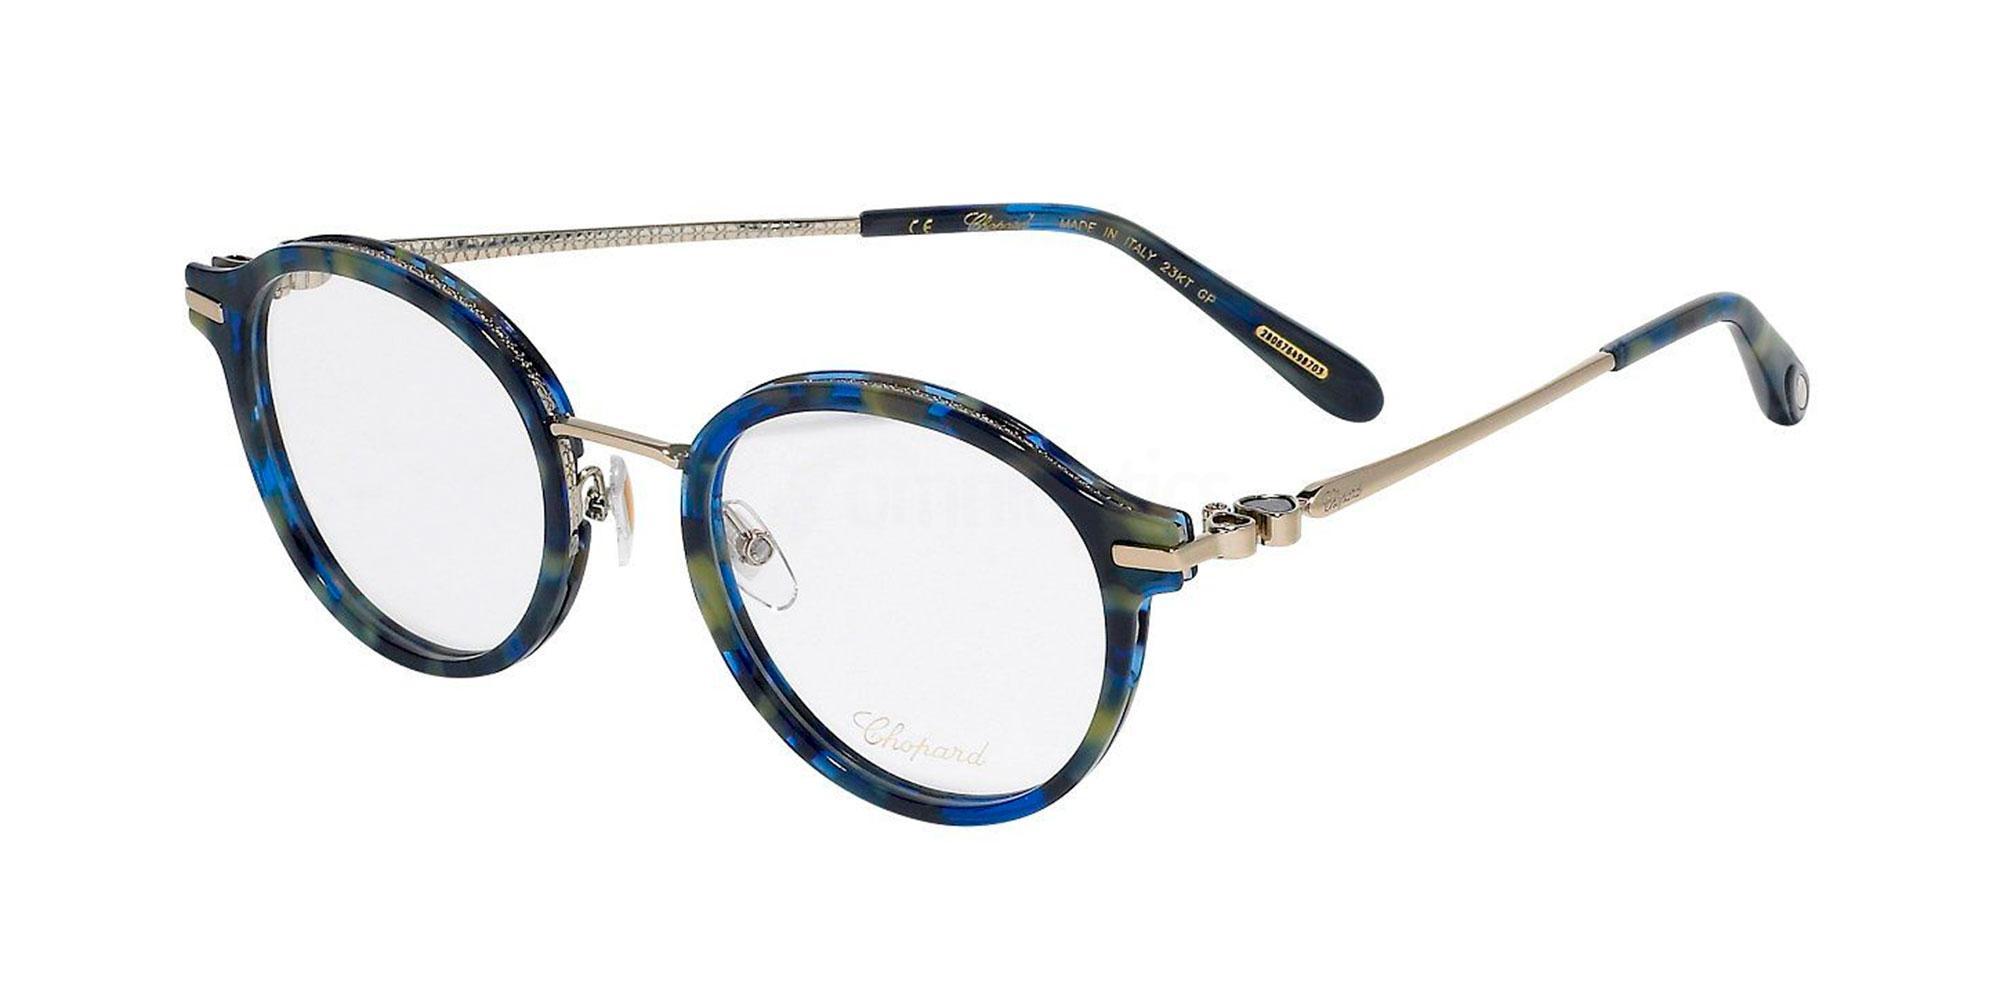 09A8 VCHD15S Glasses, Chopard